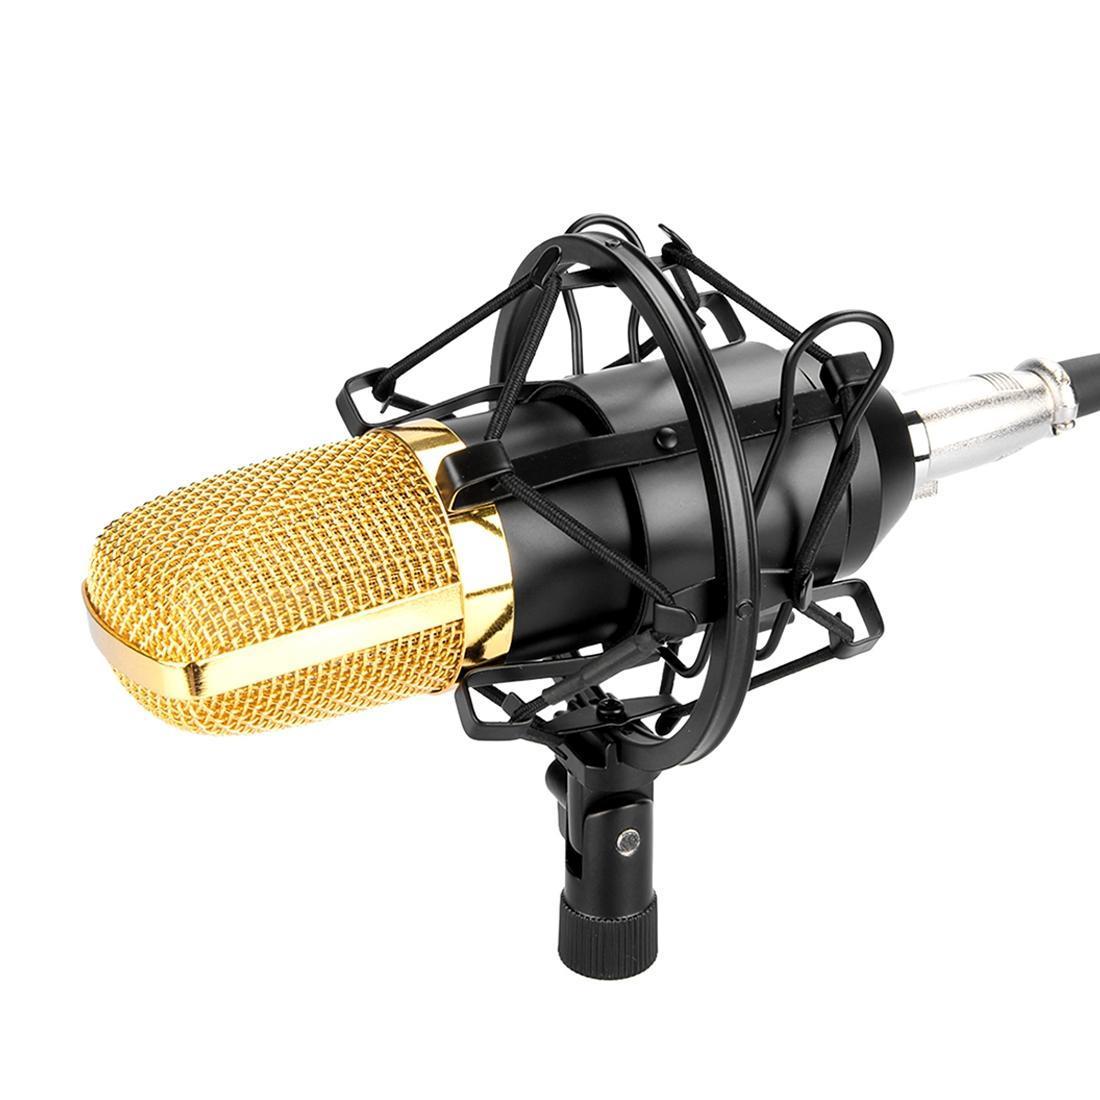 Fifine F-700 professionnel à condensateur son microphone d'enregistrement avec un choc de montage pour studio de radio diffusion en direct Boardcast 35mm écouteurs